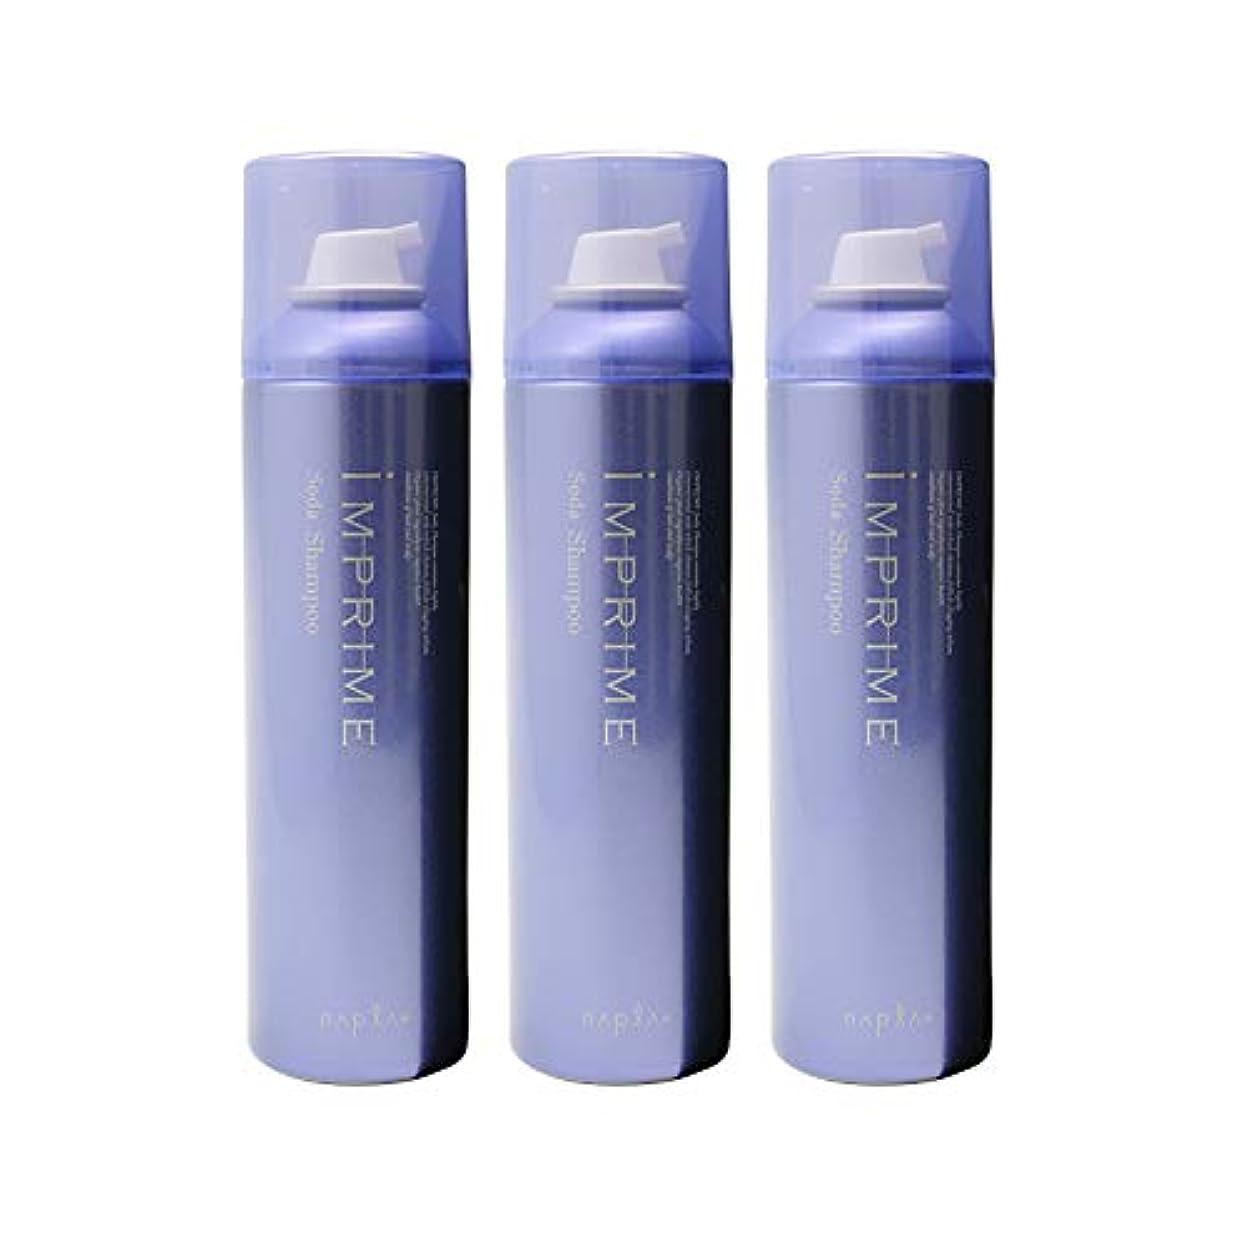 アレルギー性補助金浴室ナプラ インプライム ソーダシャンプー 200g × 3個セット